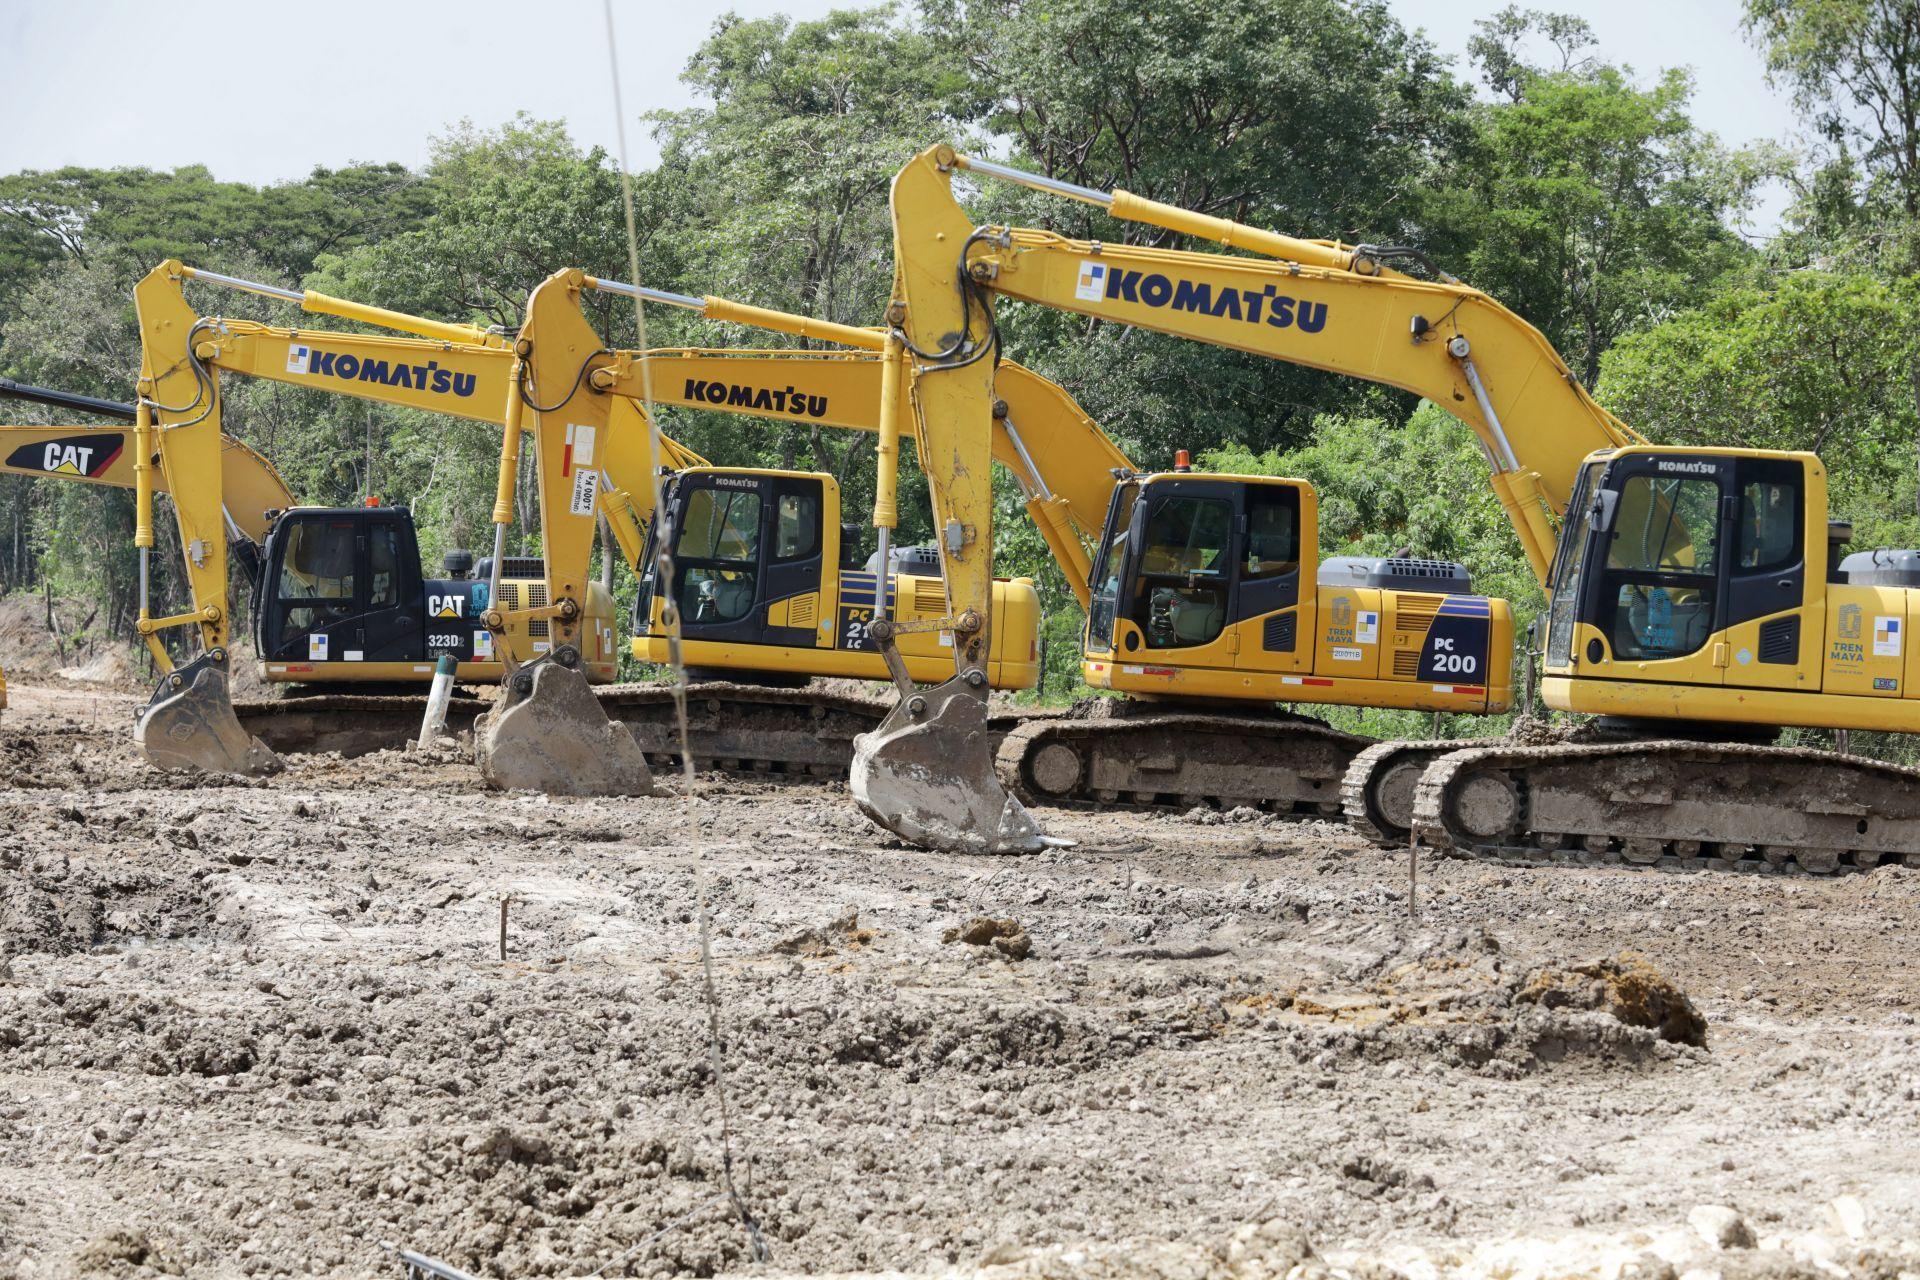 Habitantes de tres municipios de Yucatán obtienen suspensión provisional contra obras del Tren Maya